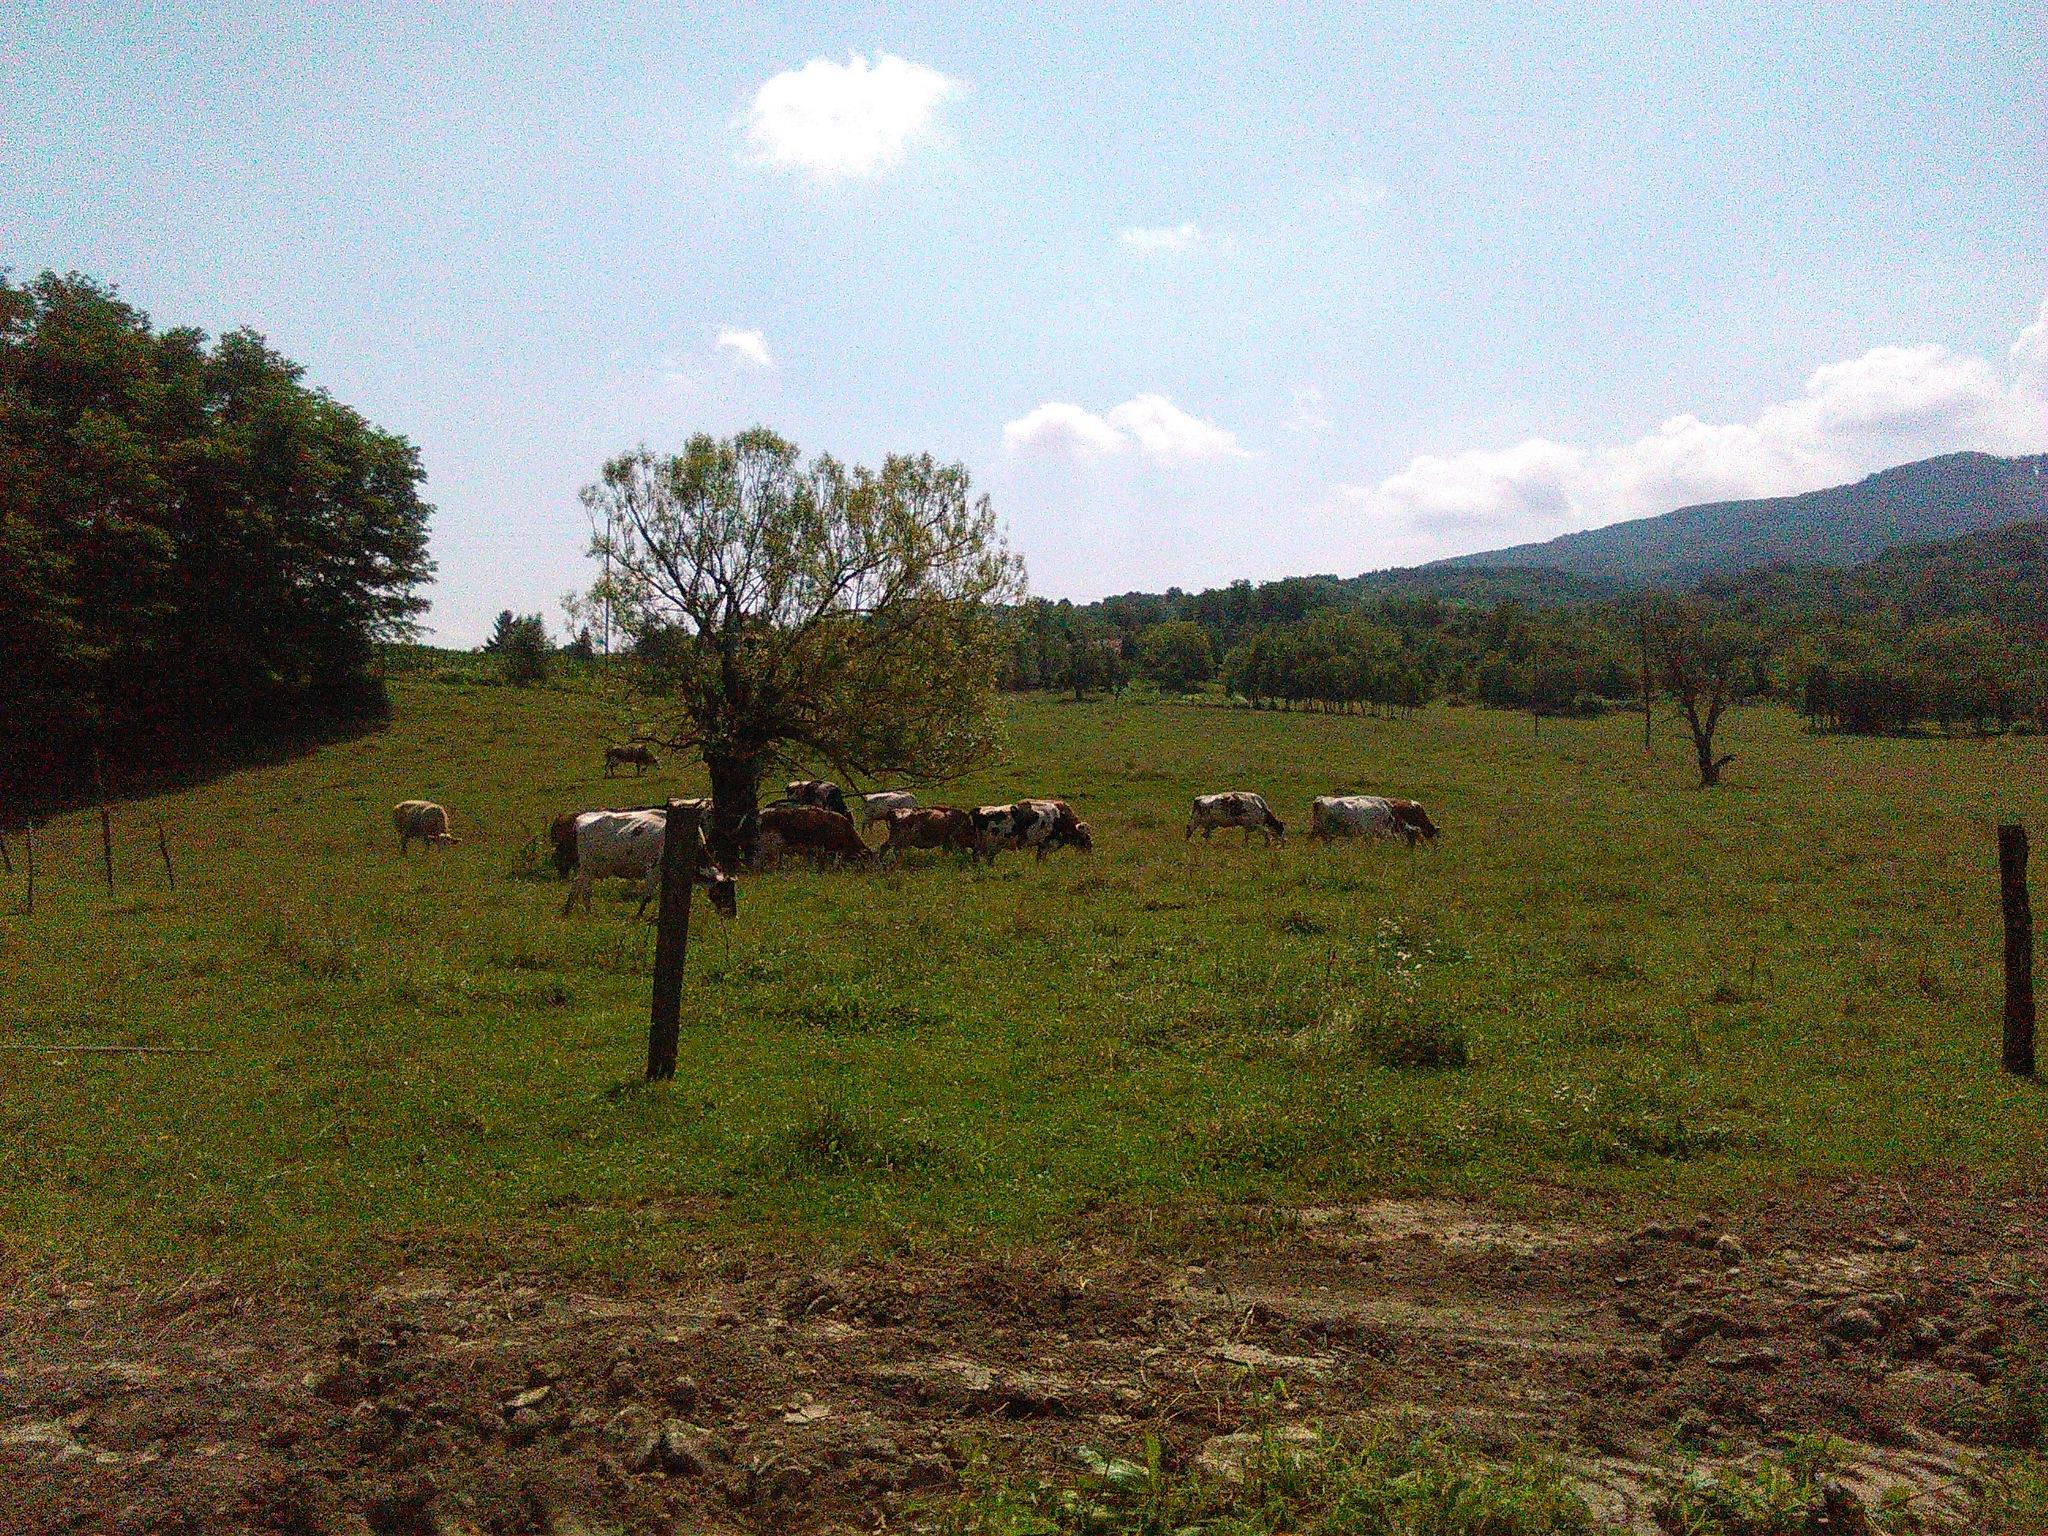 Krave na ispaši by Mary13